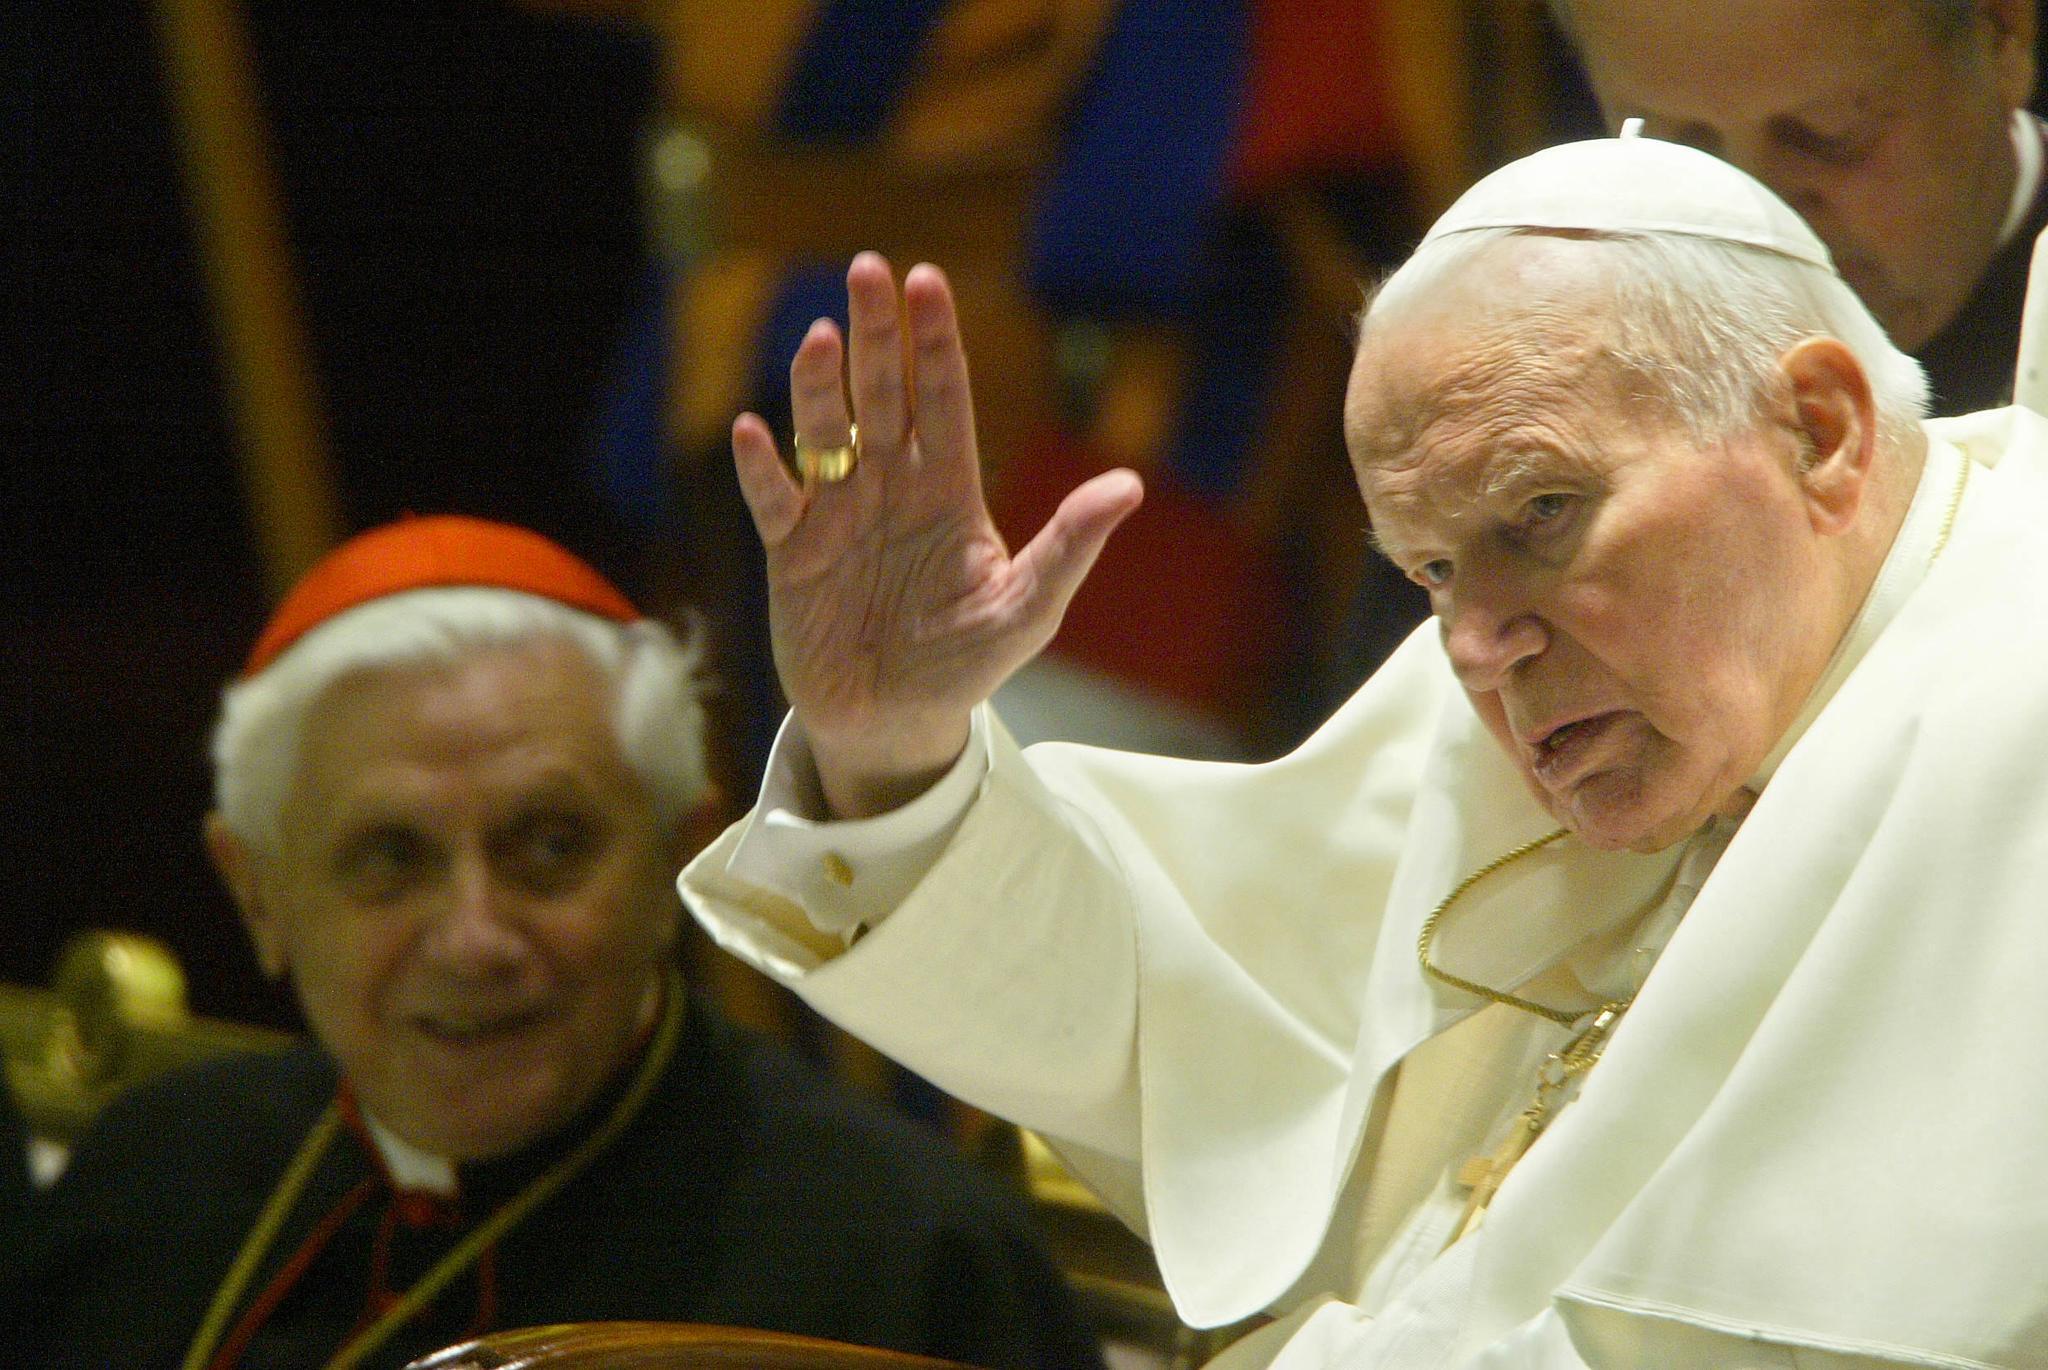 II. János Pál és Benedek pápa is tudott a bíboros zaklatási ügyeiről, de nem indítottak vizsgálatot